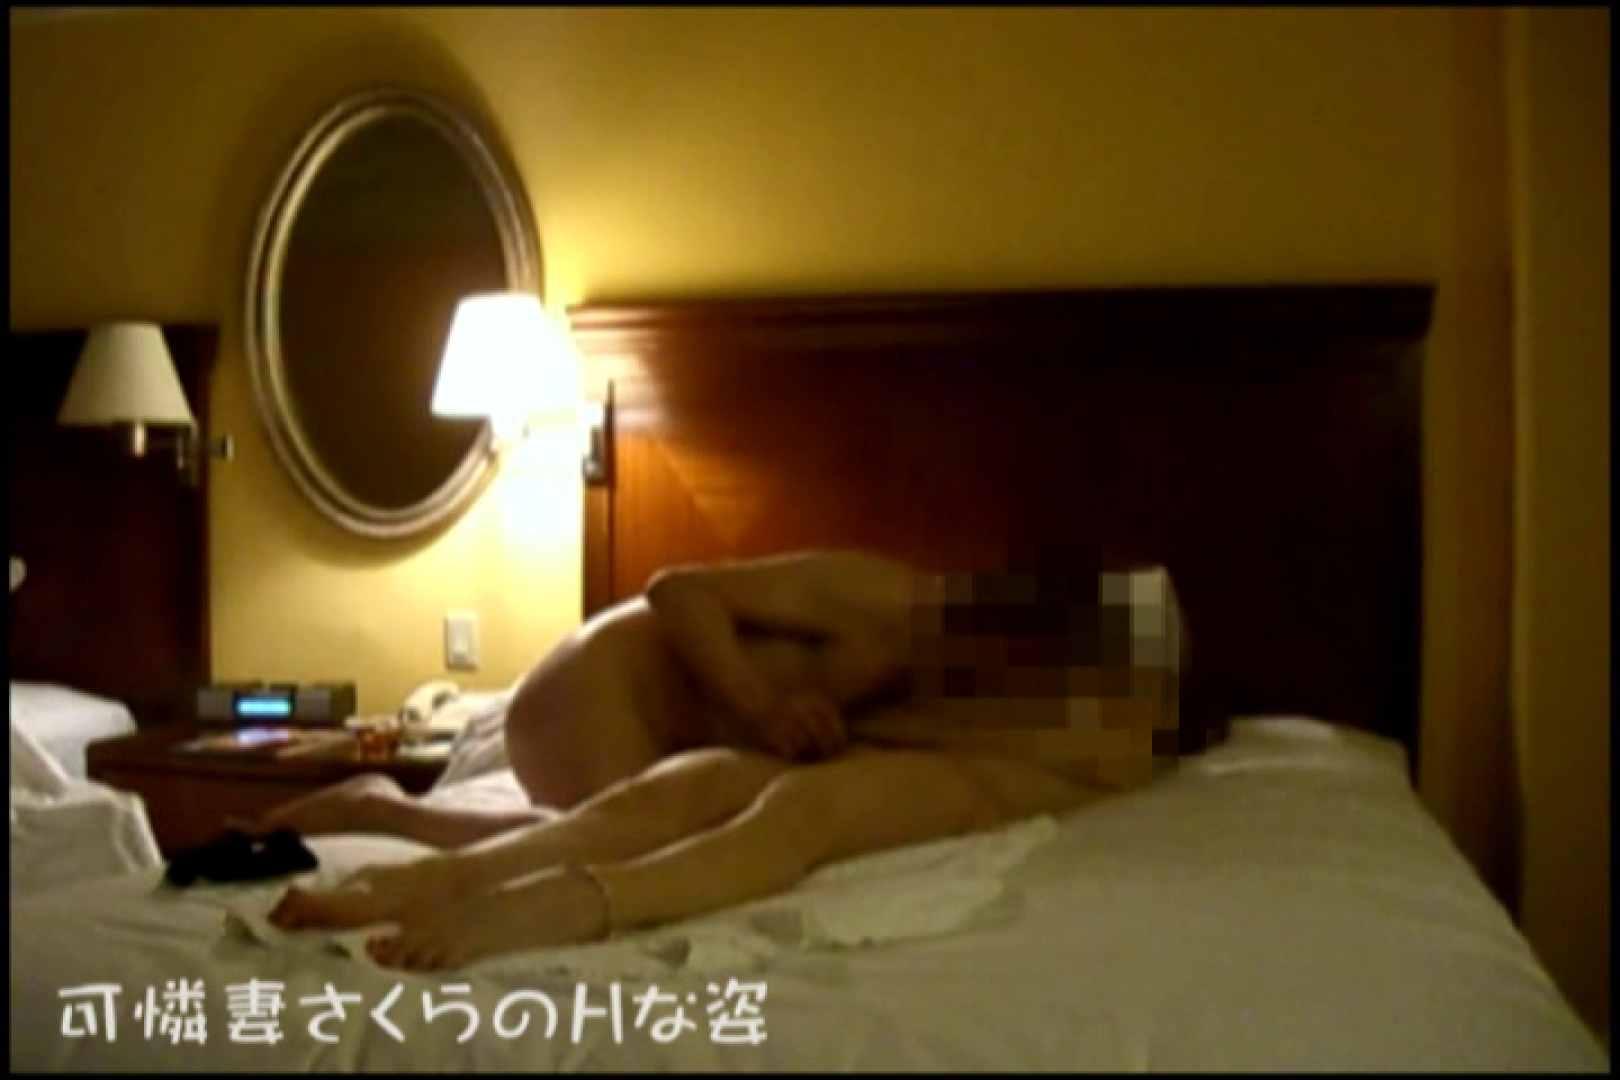 可憐妻さくらのHな姿vol.8 おっぱい大好き ワレメ無修正動画無料 102pic 51